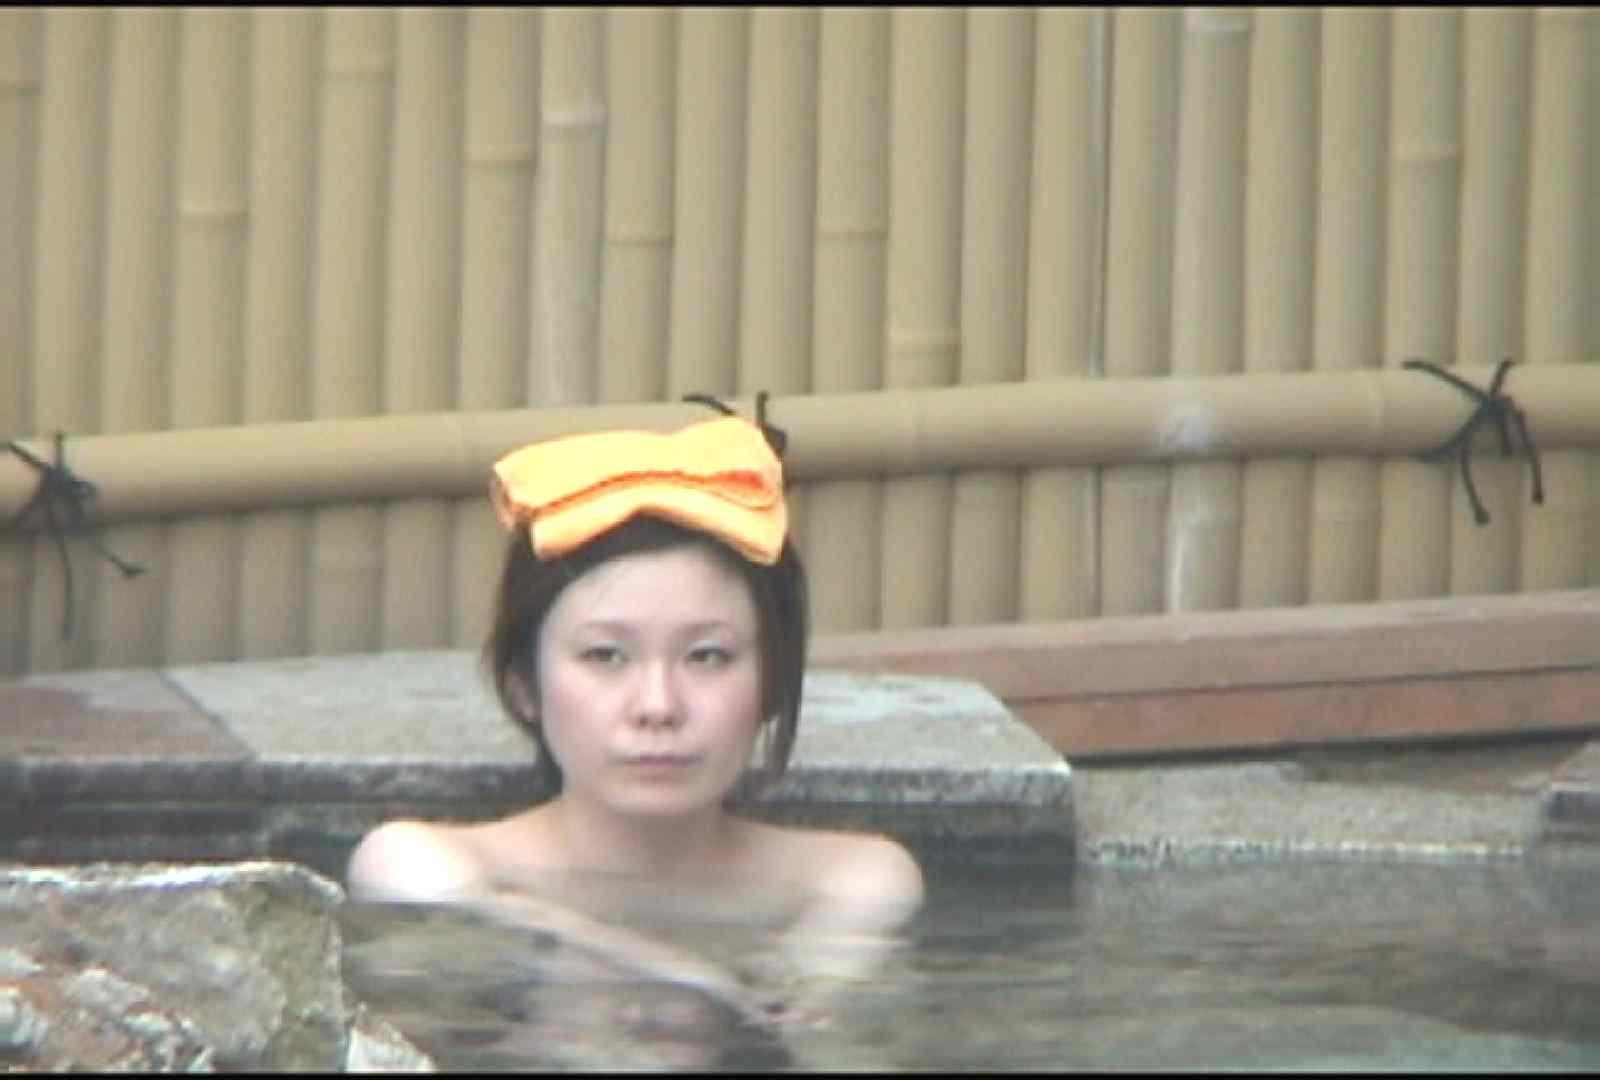 Aquaな露天風呂Vol.177 盗撮師作品   美しいOLの裸体  102pic 16